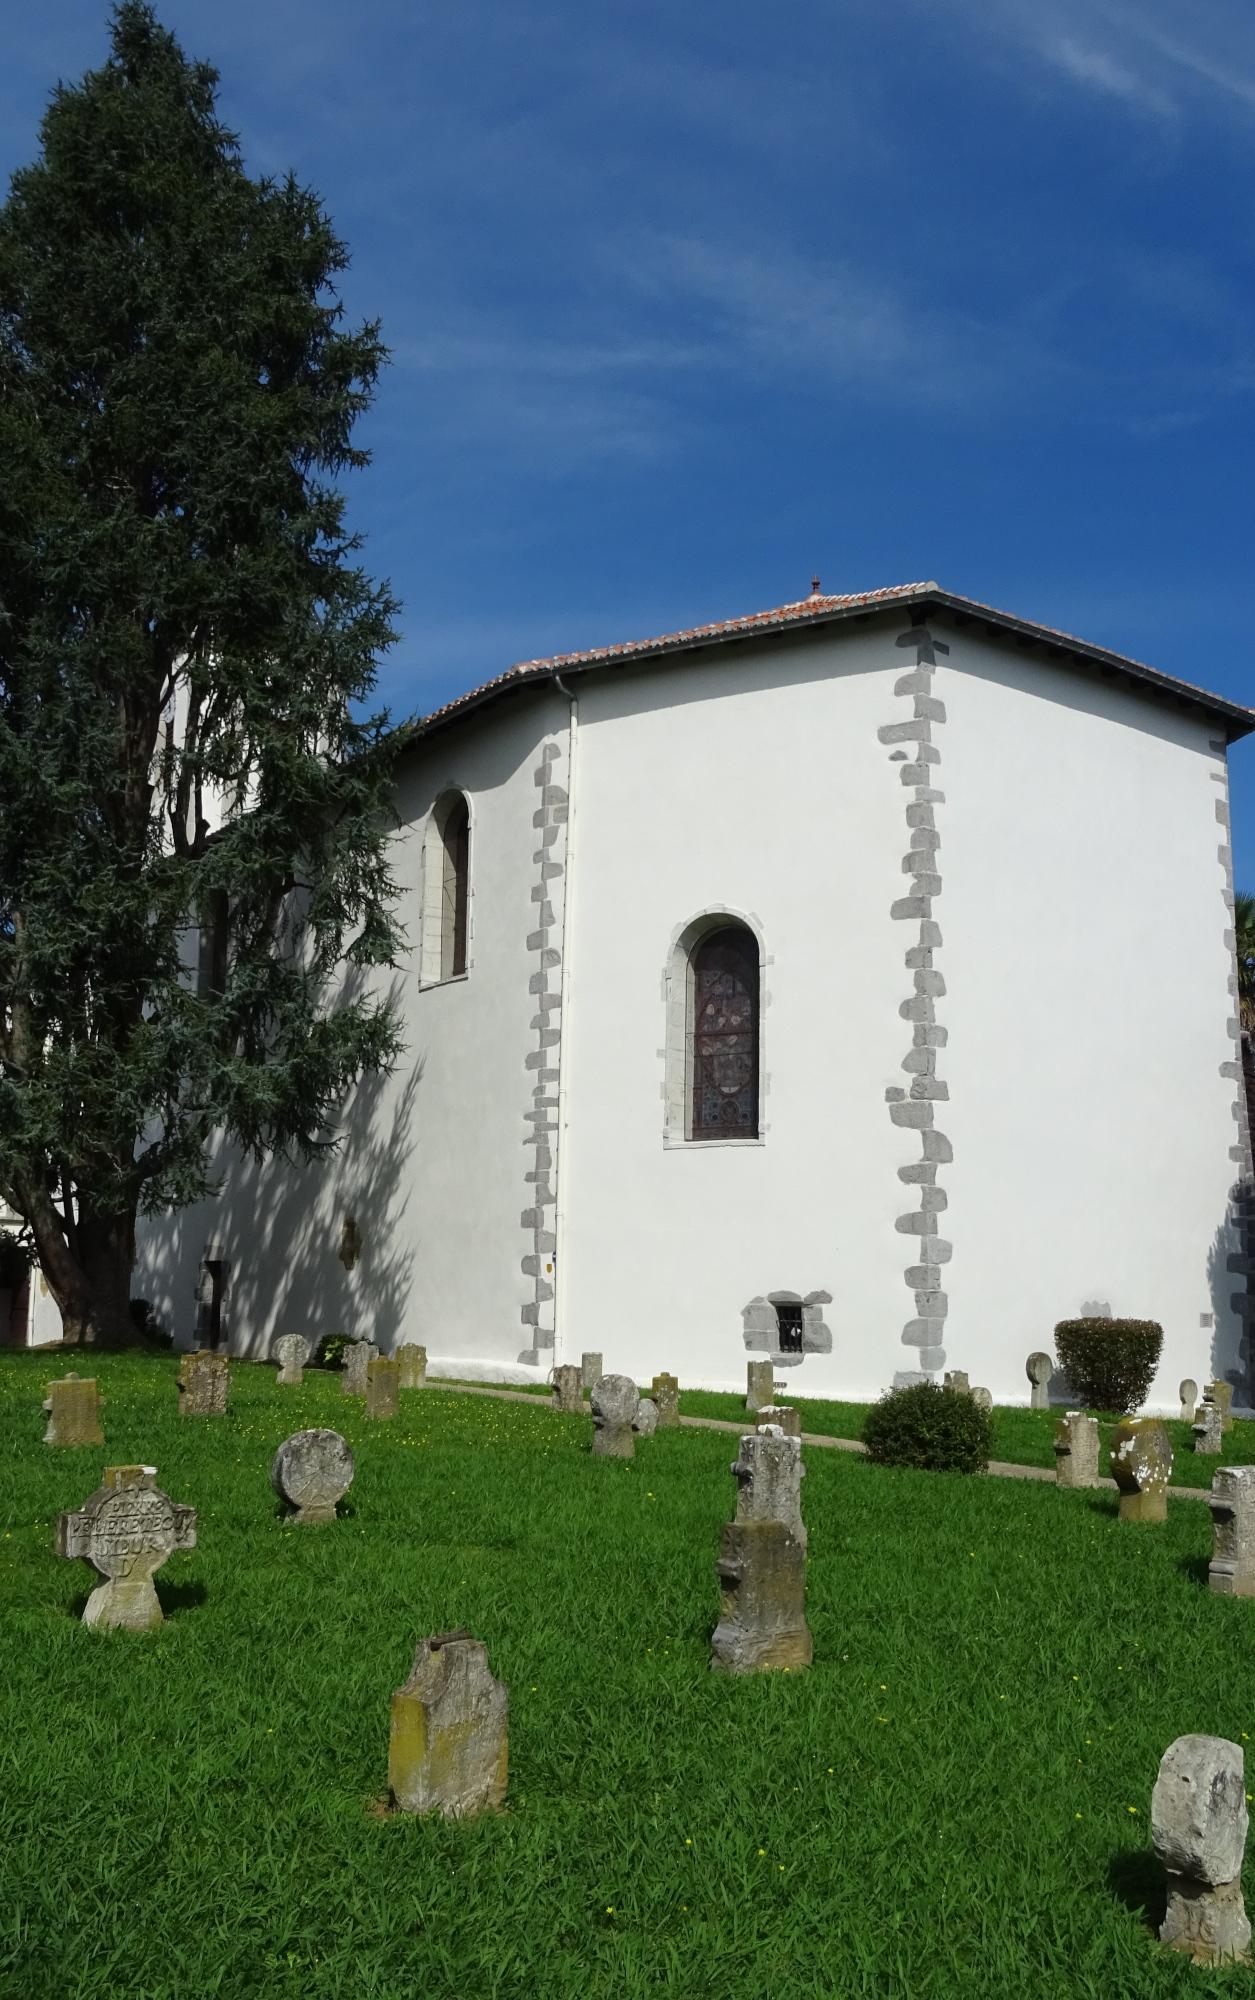 Sur le côté et à l'arrière de l'église saint Laurent de Cambo au Pays Basque on peut apercevoir l'ancien cimetière qui abrite de nombreuses stèles discoïdales et tabulaires basques du XVIIe siècle ainsi que des dalles funéraires du XVIIIe siècle.